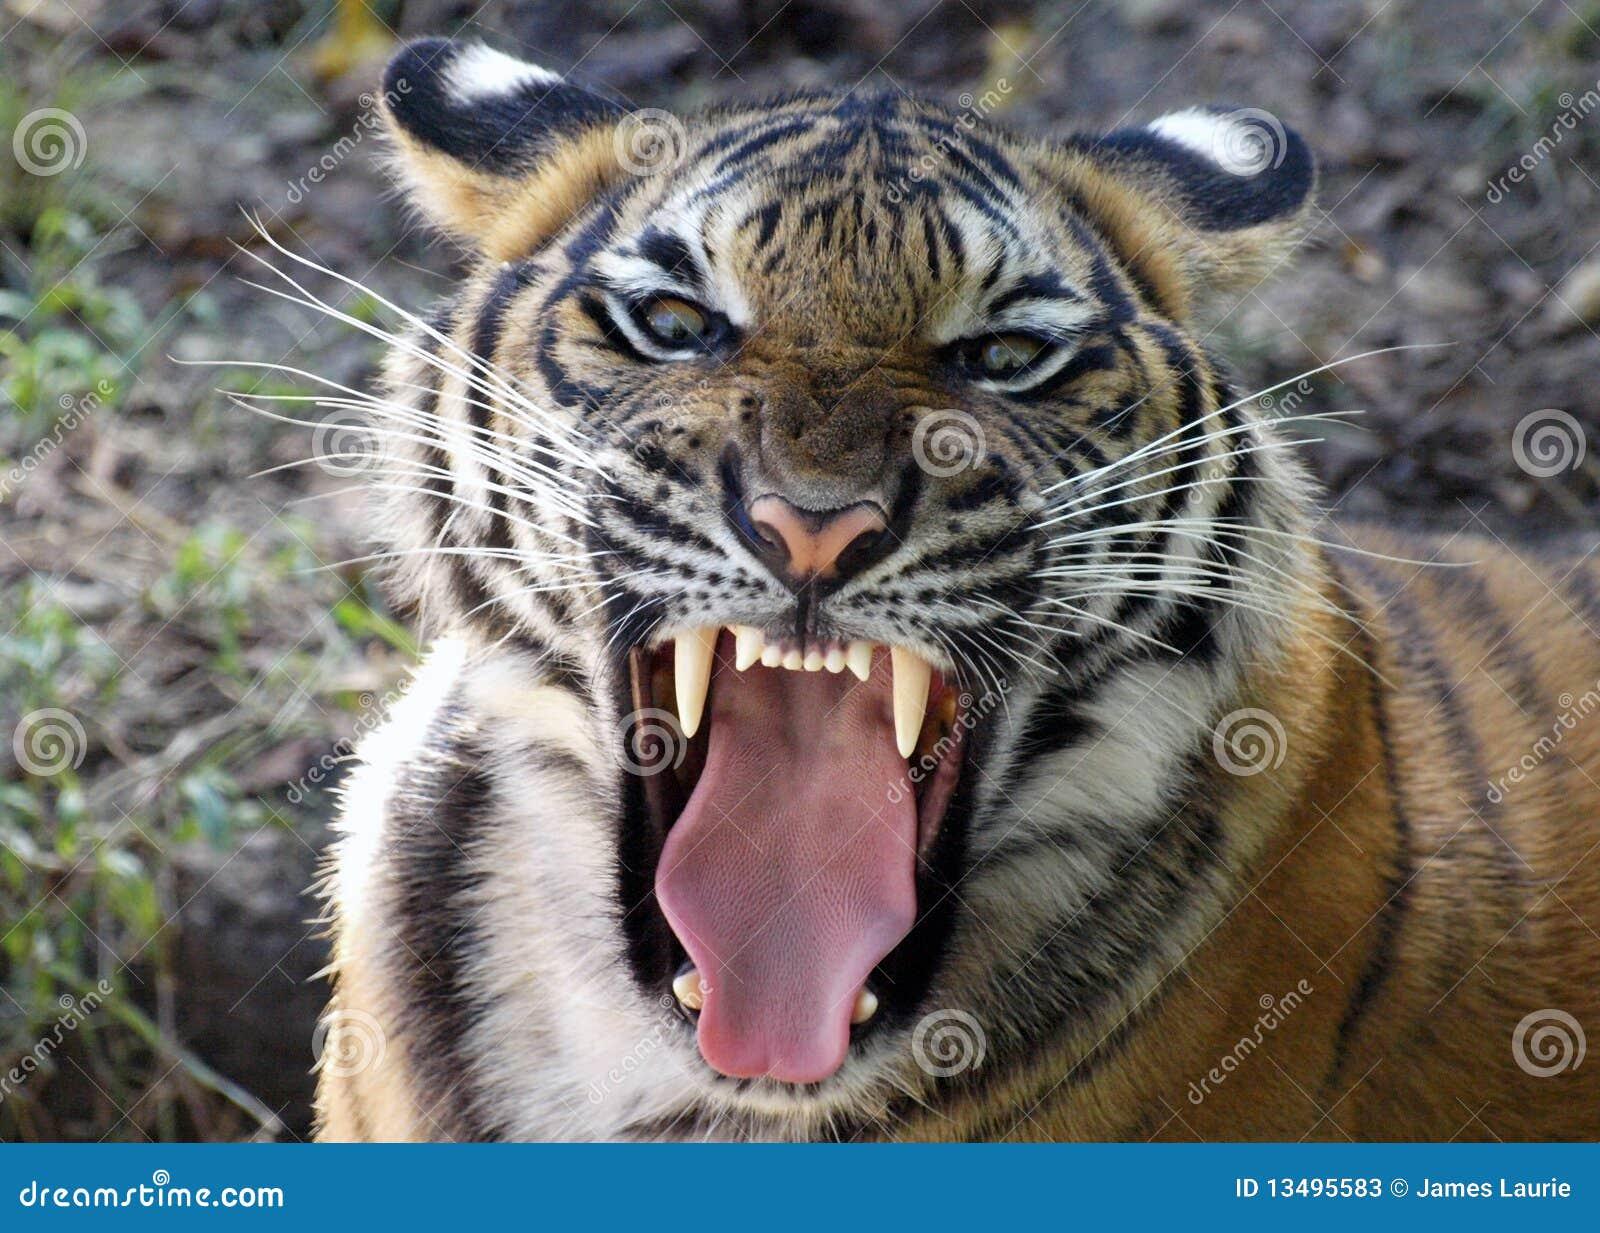 Mighty Roar